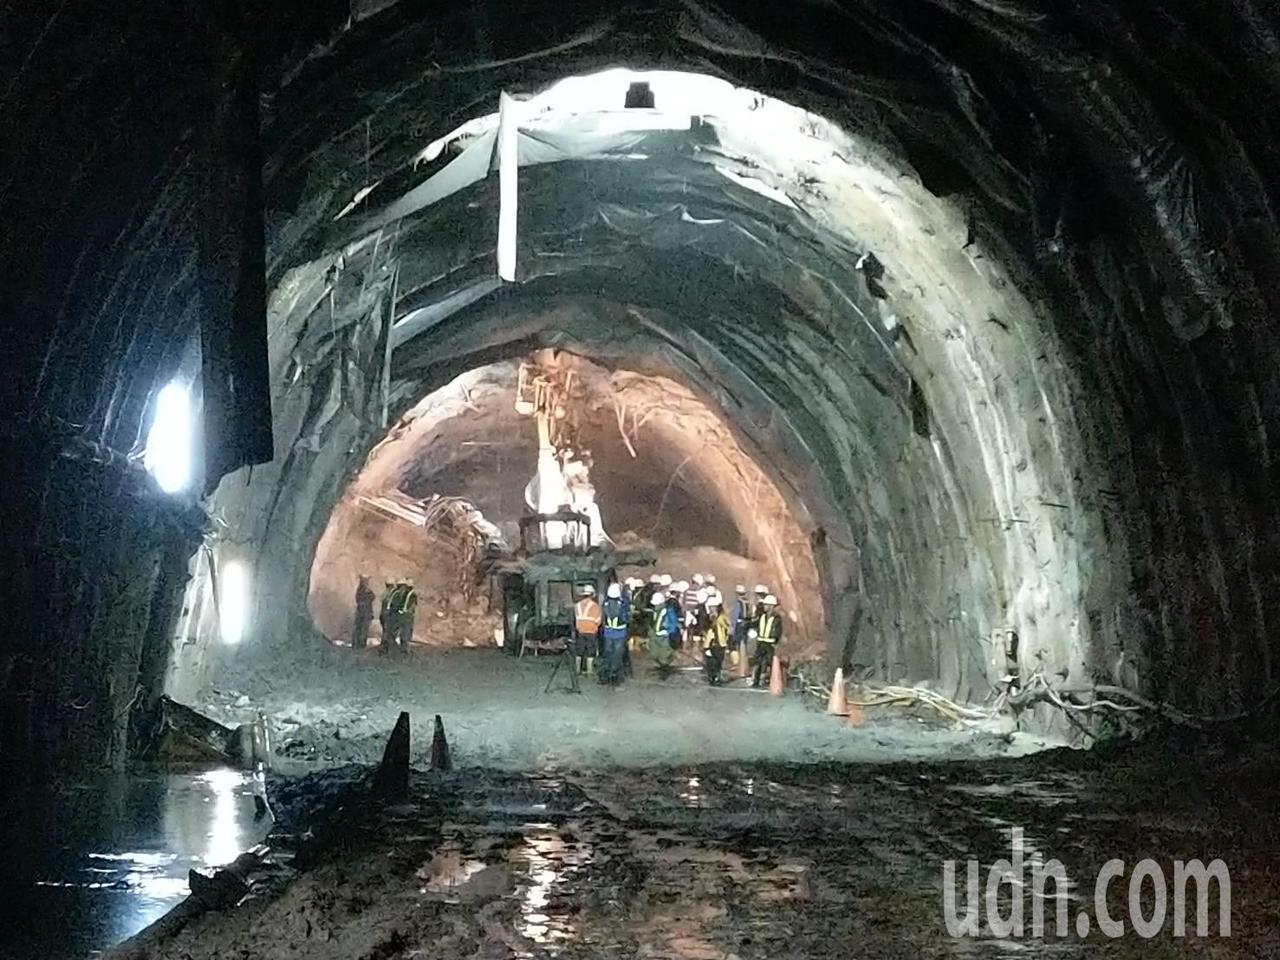 蘇花改谷風隧道發生大抽坍,目前仍大量滲漏地下水、滿地泥濘,無法展開後續抽坍處理工...